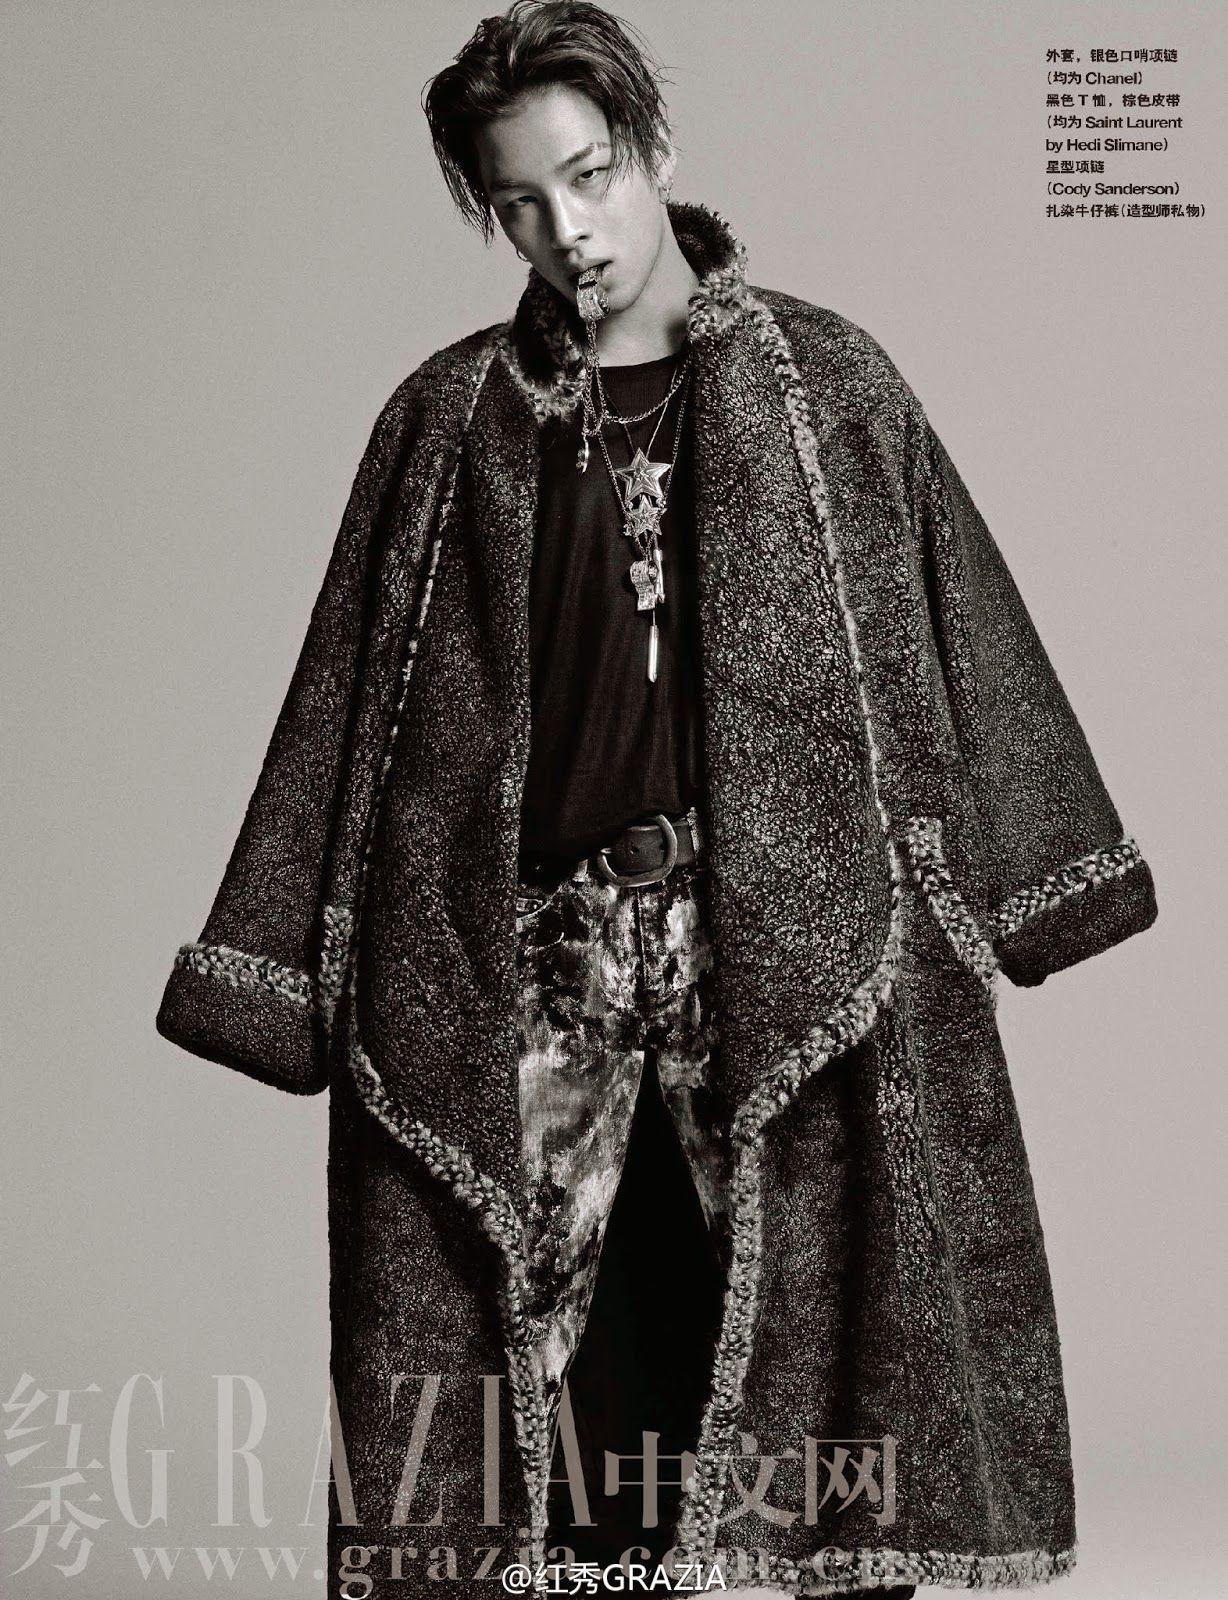 China Magazine「红秀GRAZIA 204号」